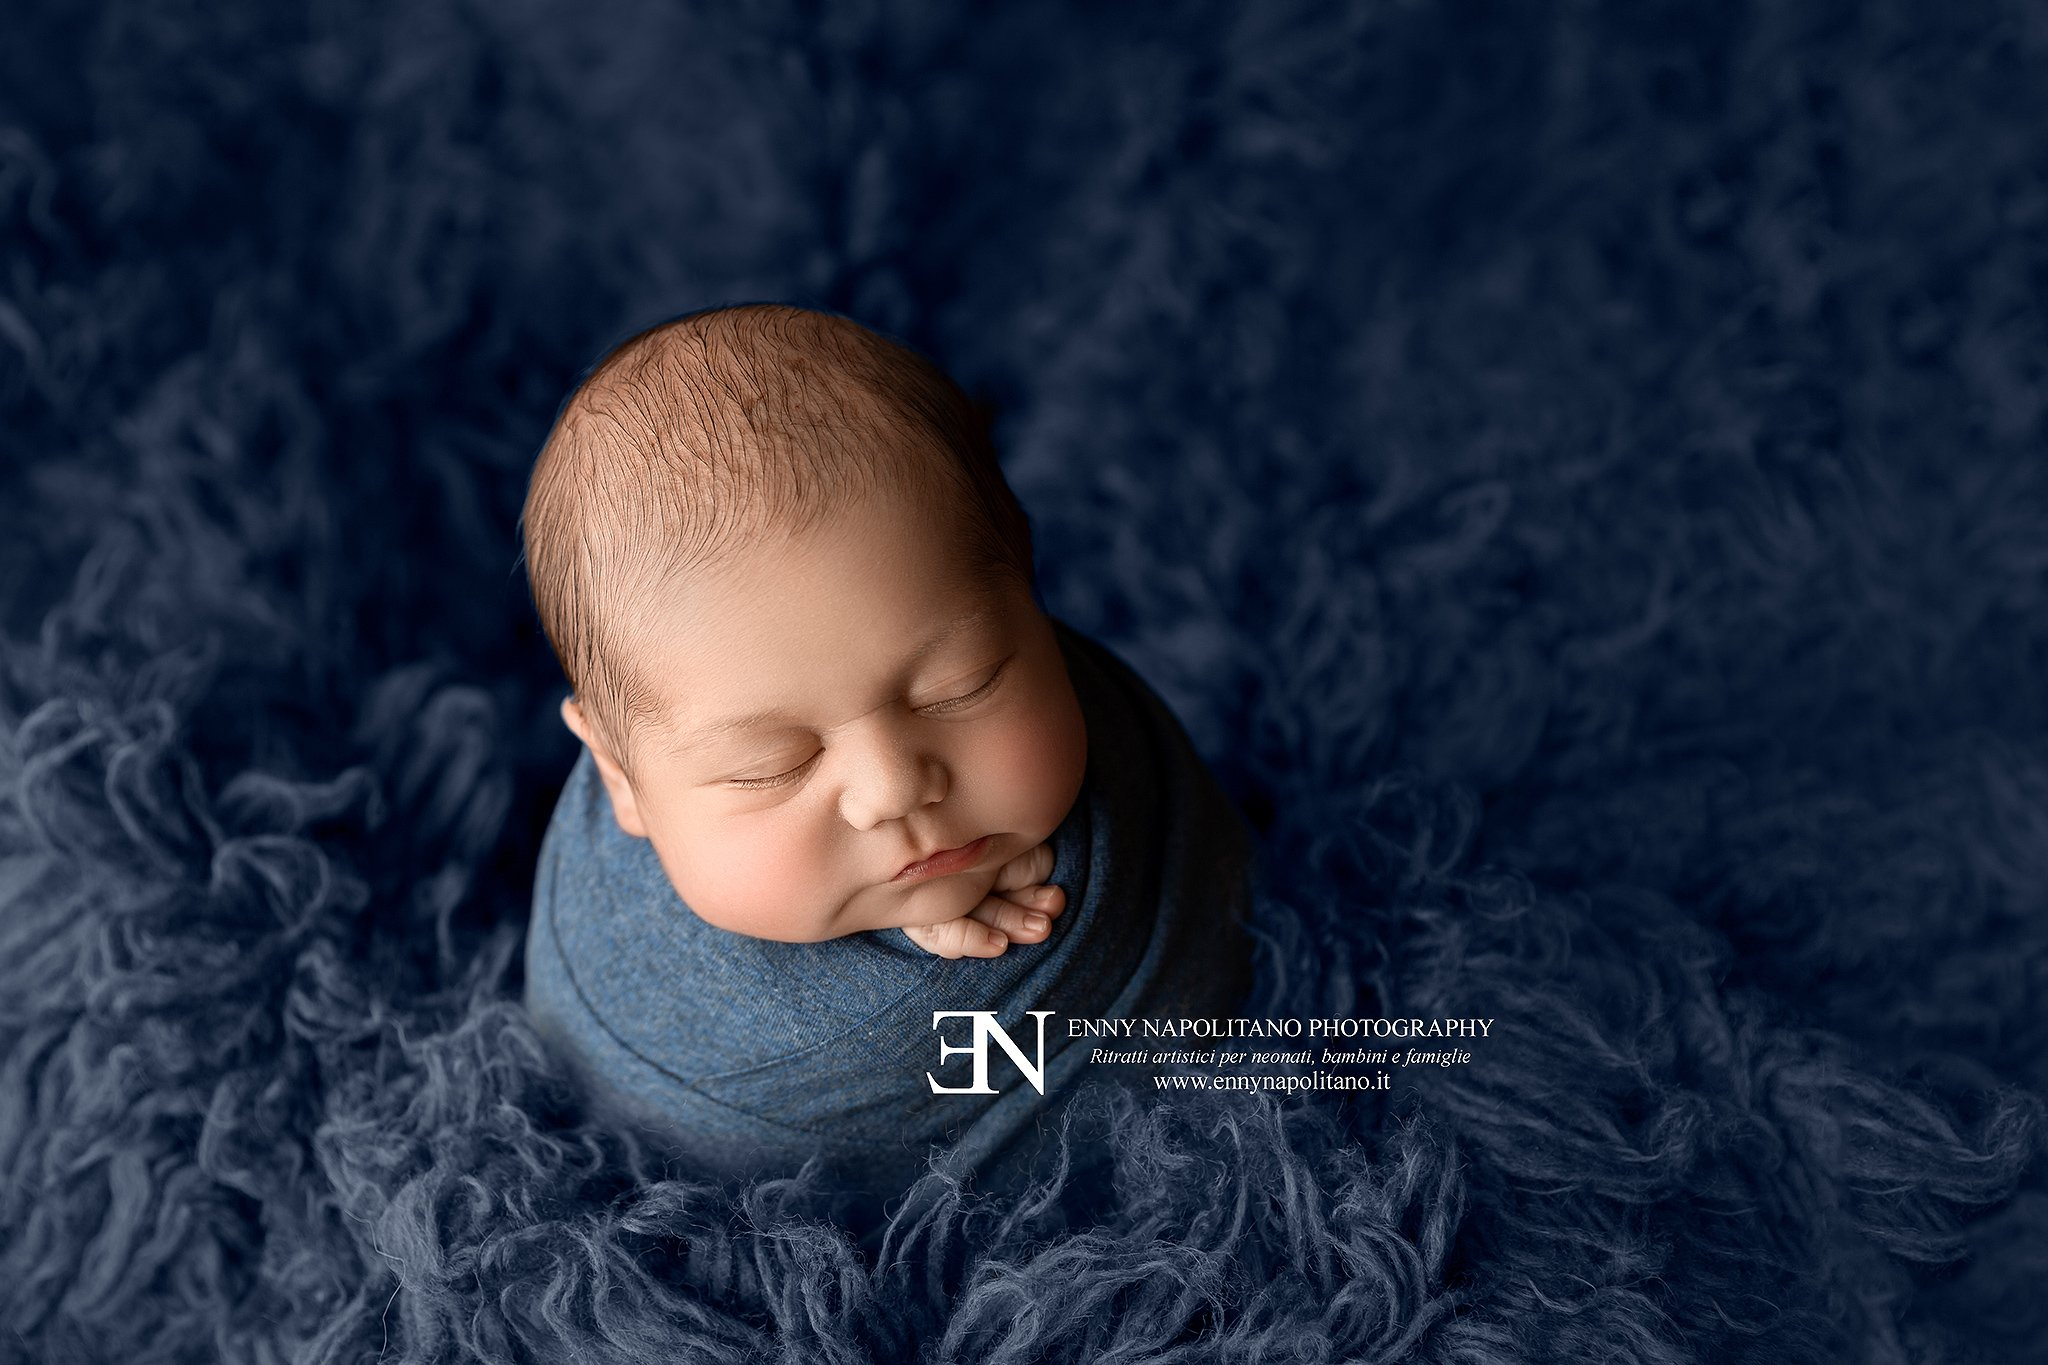 neonato fasciato di blu che dorme durante un servizio fotografico newborn per neonati e bambini a Milano